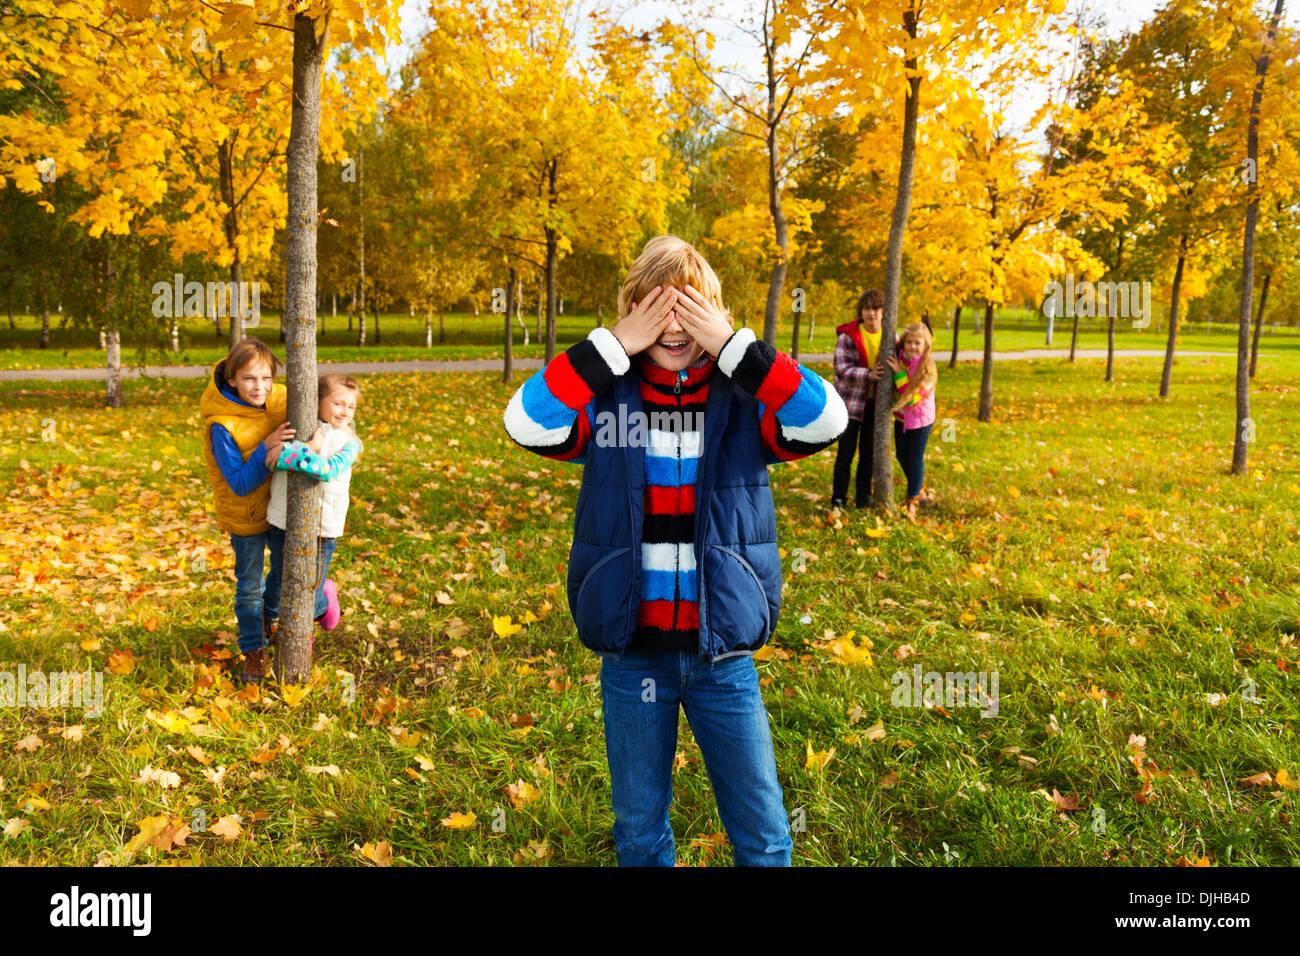 Hide Seek Kids: Group Of Five Kids Play Hide And Seek With Boy Counting